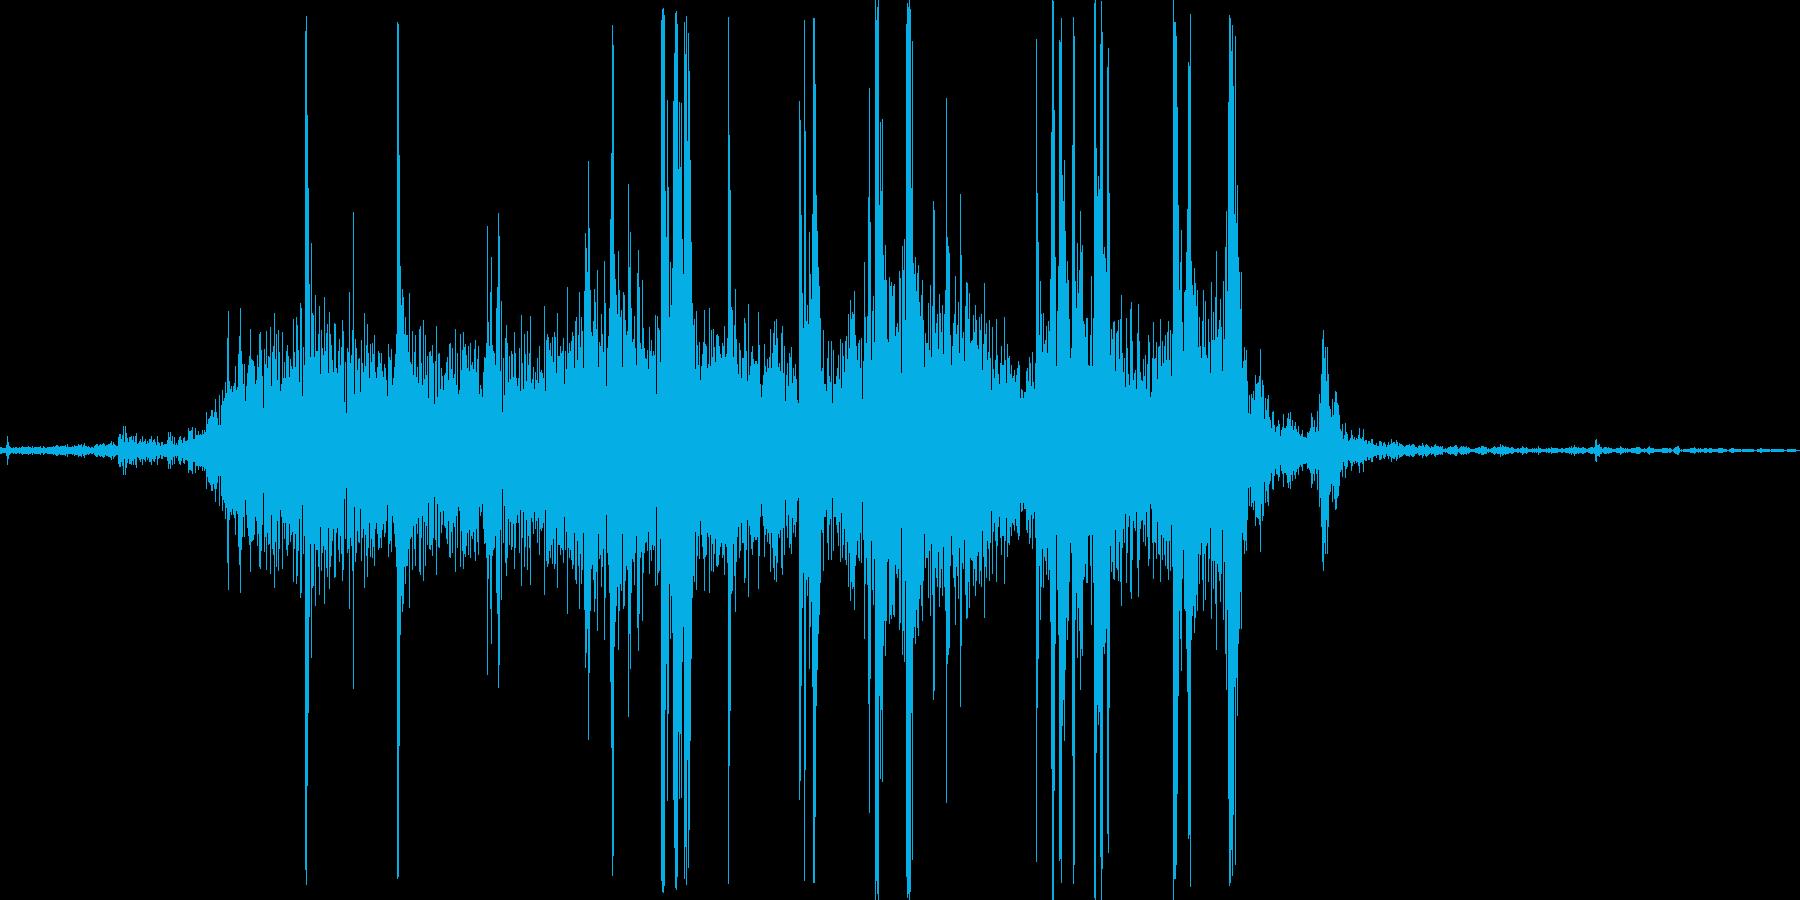 シャー。紙(ページなど)をめくる音の再生済みの波形